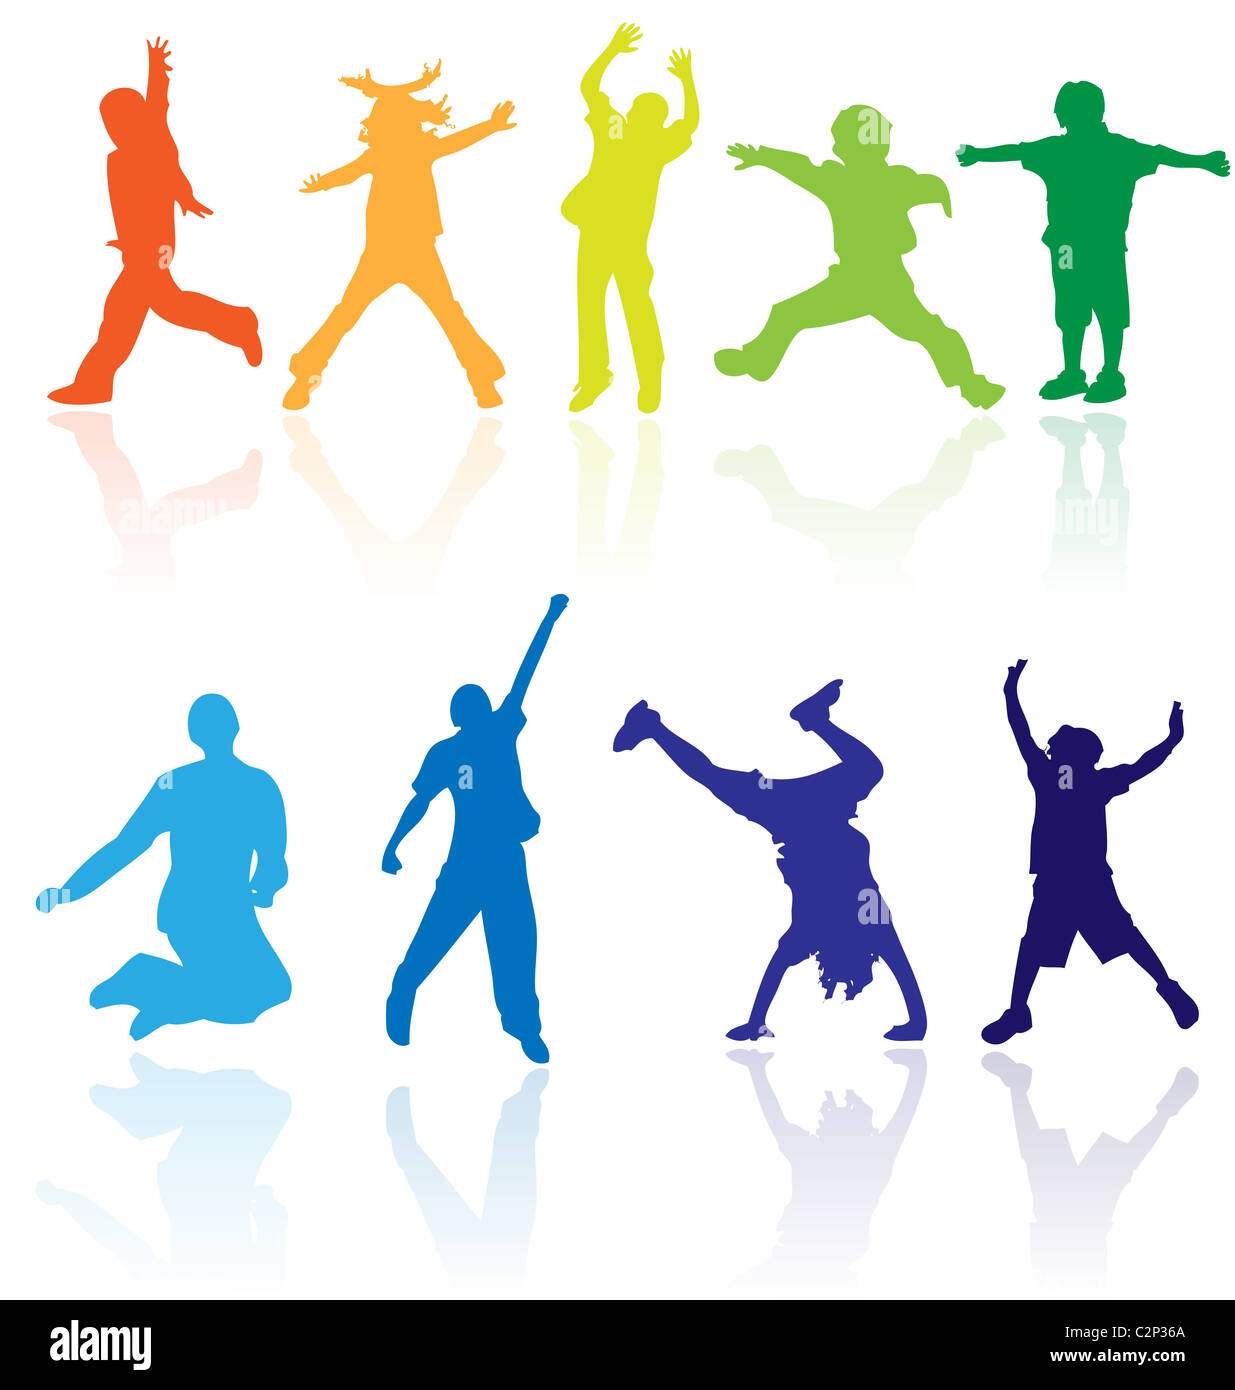 Vettore sagome colorate con riflessioni di attività per bambini. Facile da modificare, di qualsiasi dimensione. Immagini Stock